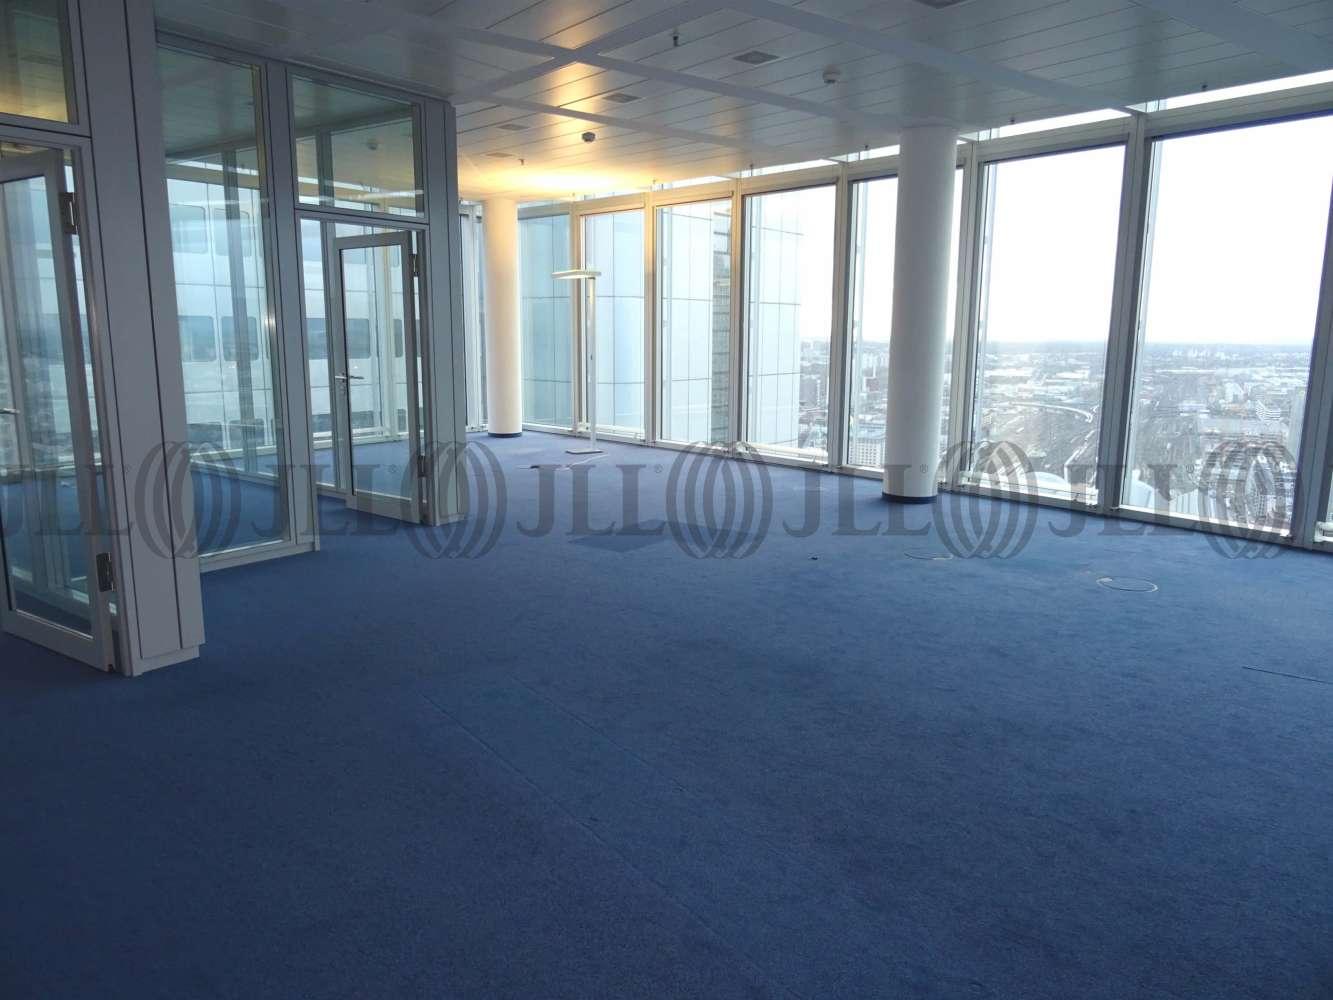 Büros Frankfurt am main, 60329 - Büro - Frankfurt am Main, Innenstadt - F0983 - 10873408